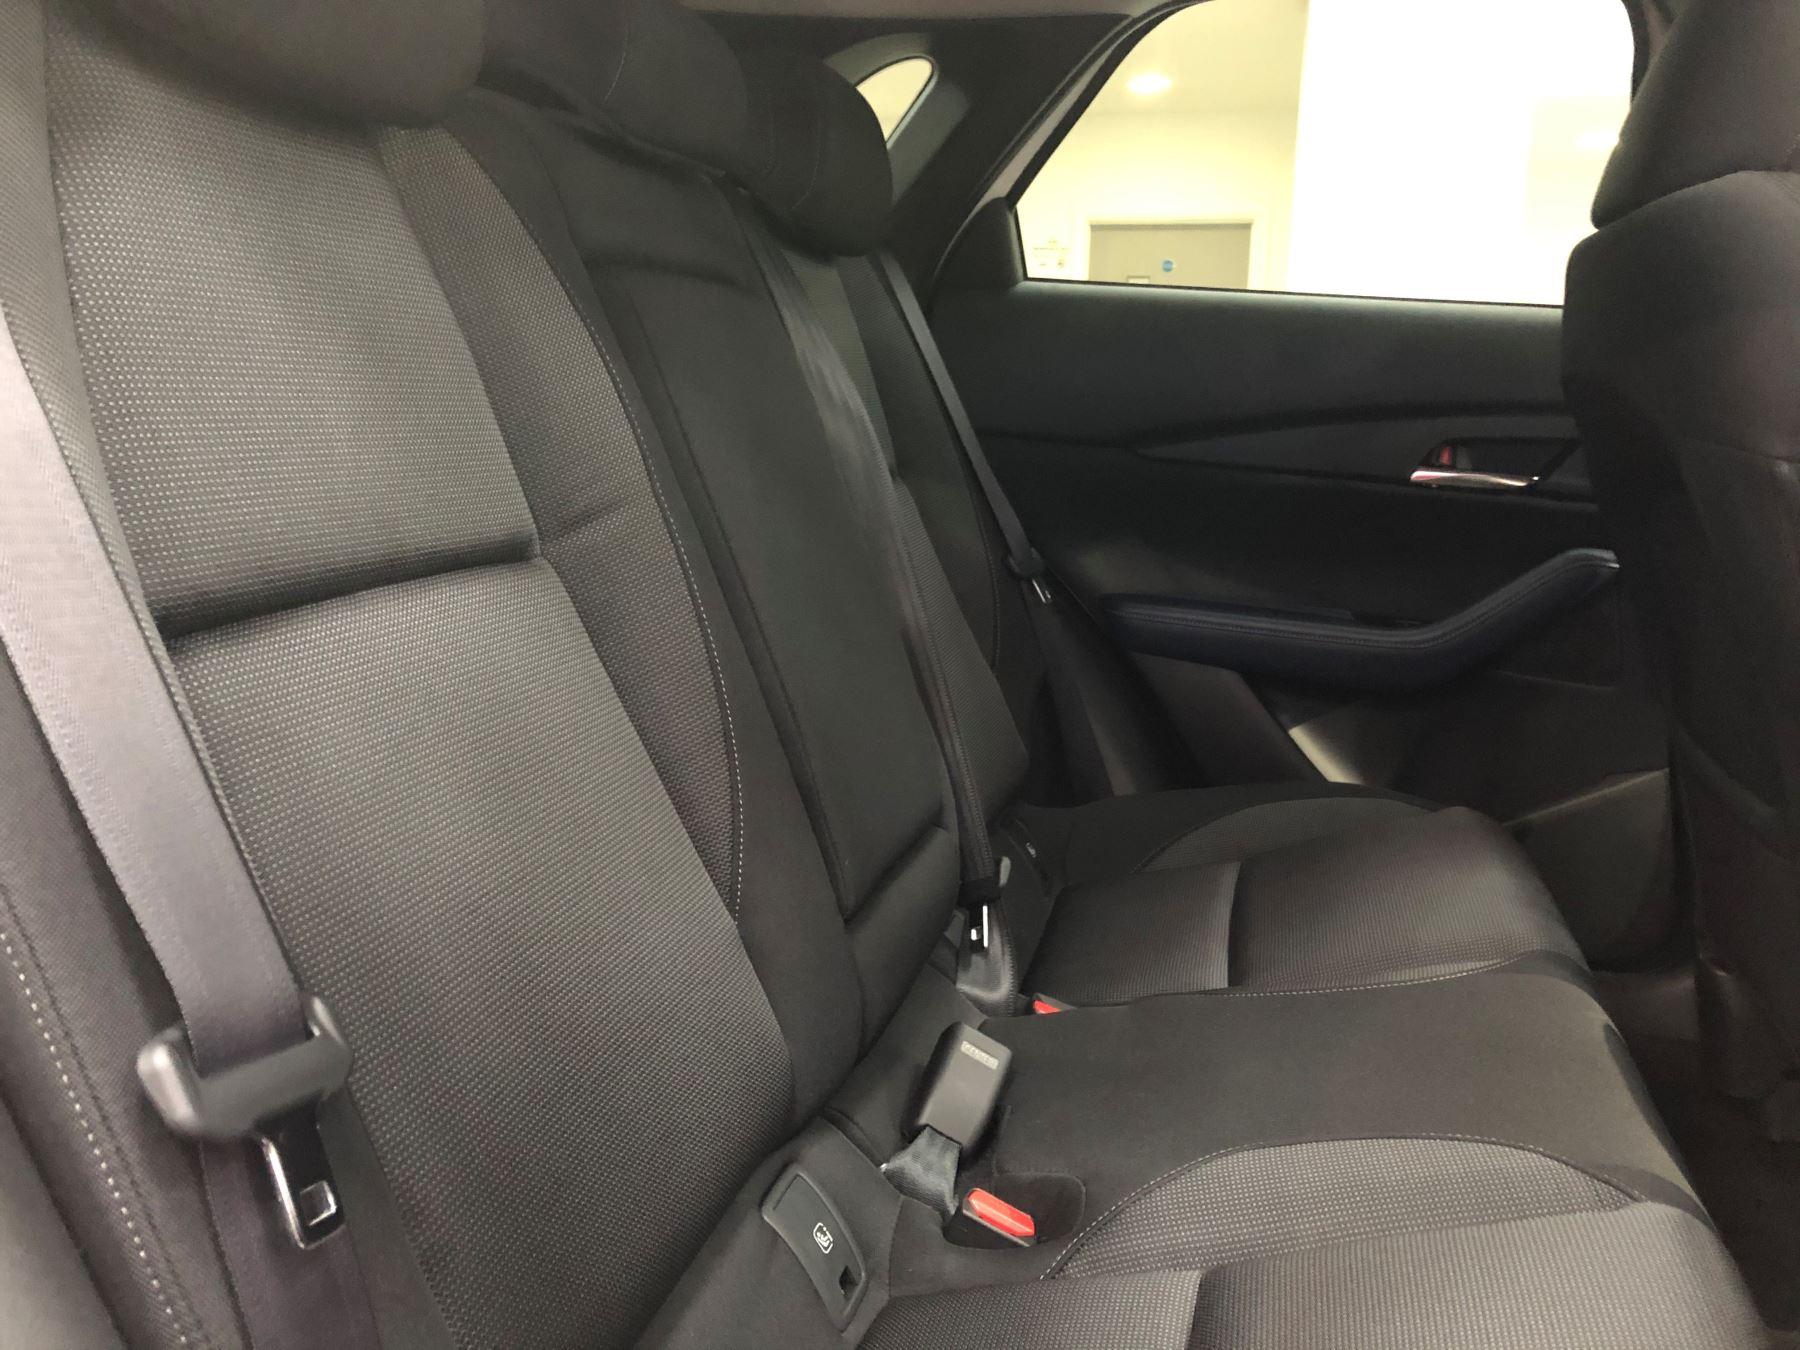 Mazda CX-30 2.0 Skyactiv-X MHEV Sport Lux image 5